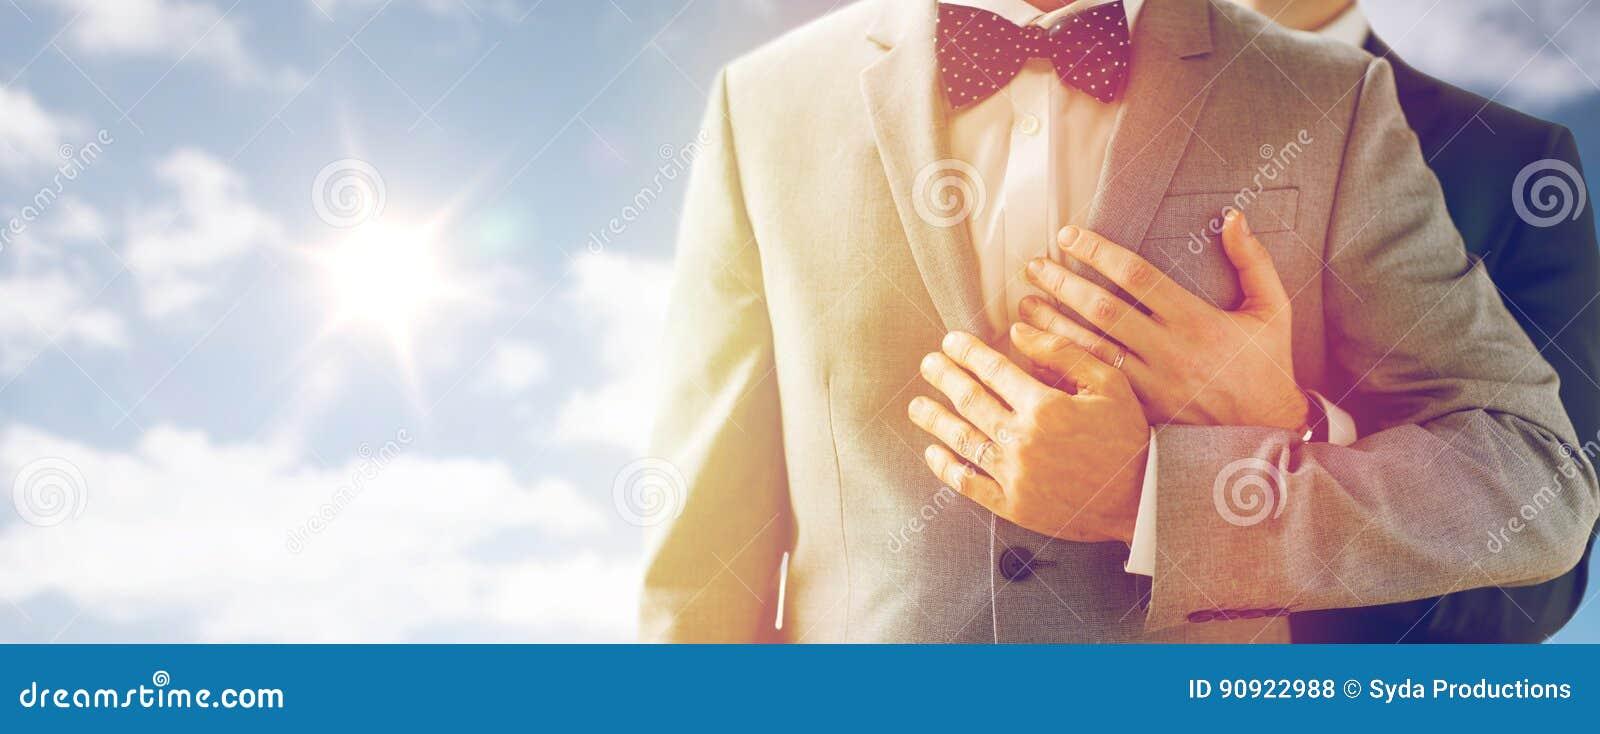 关闭男性快乐加上婚戒